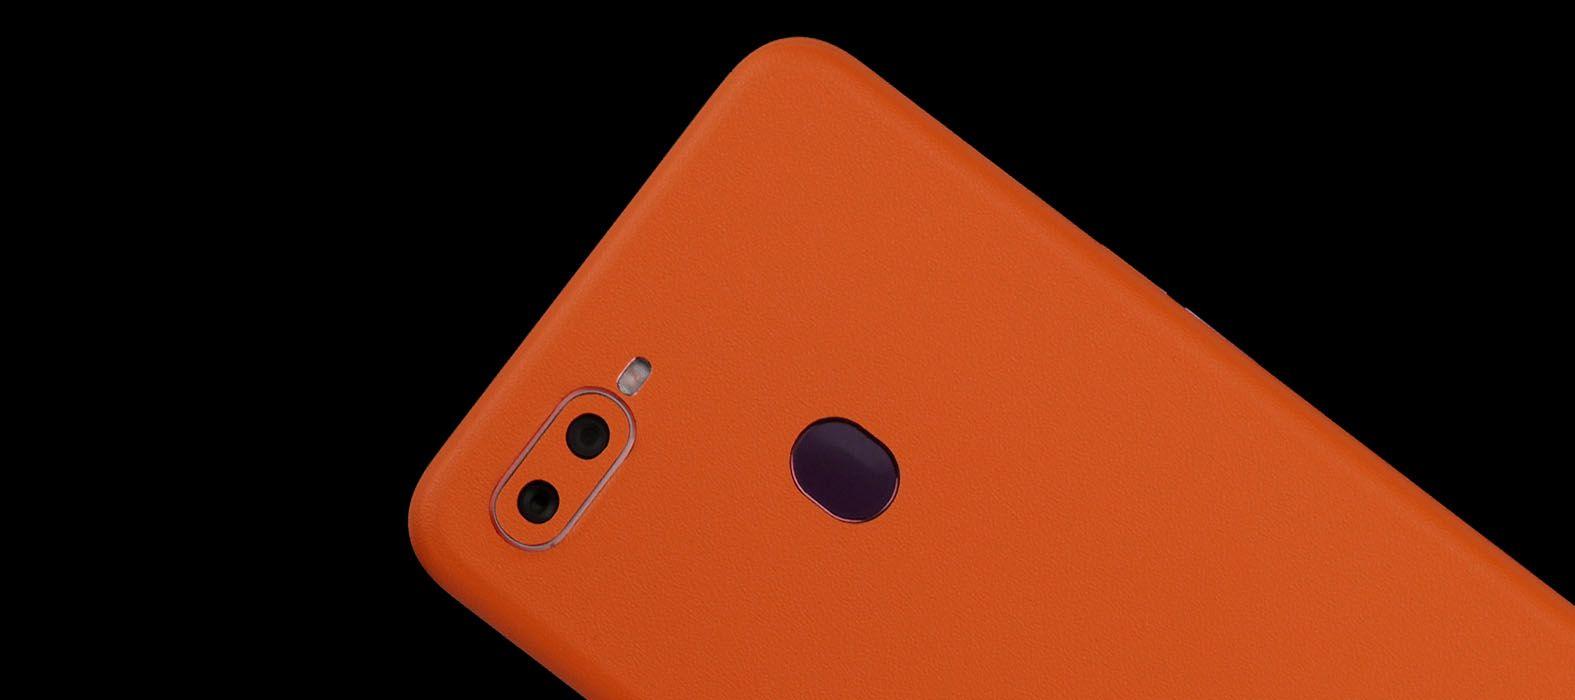 Oppo F9 Pro Sandstone Orange Skins